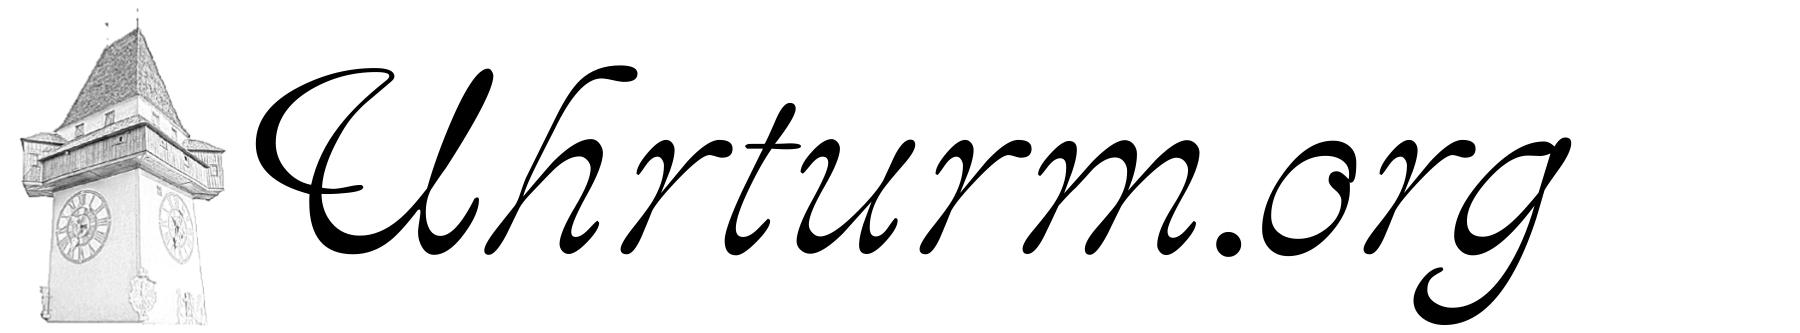 Uhrturm.org-Logo